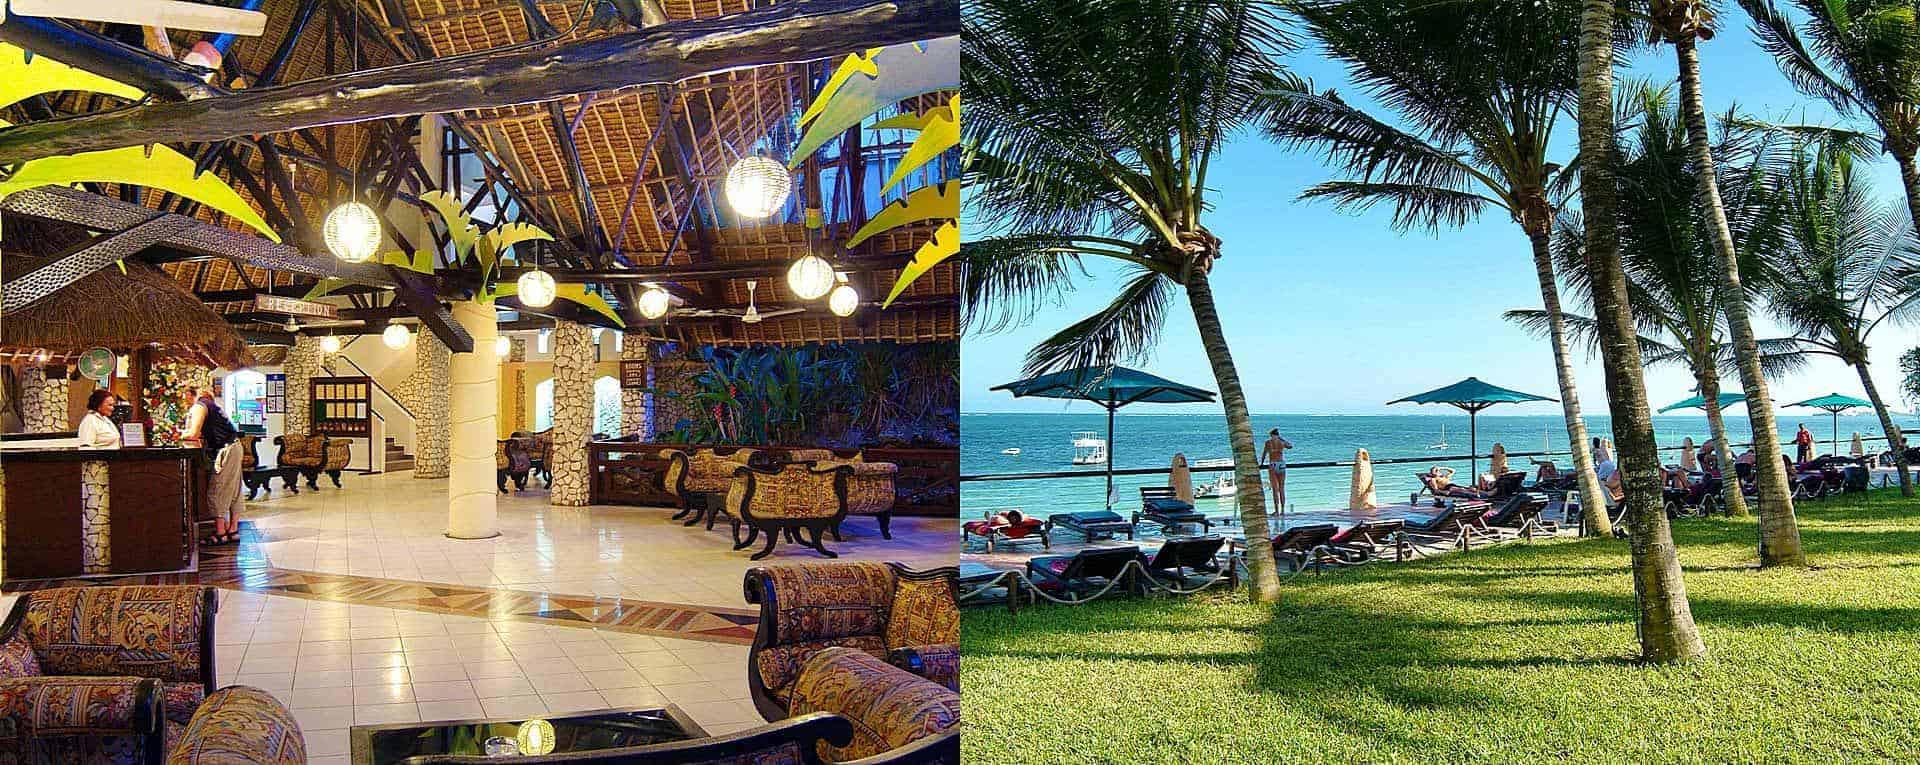 Bamburibeachhotel2